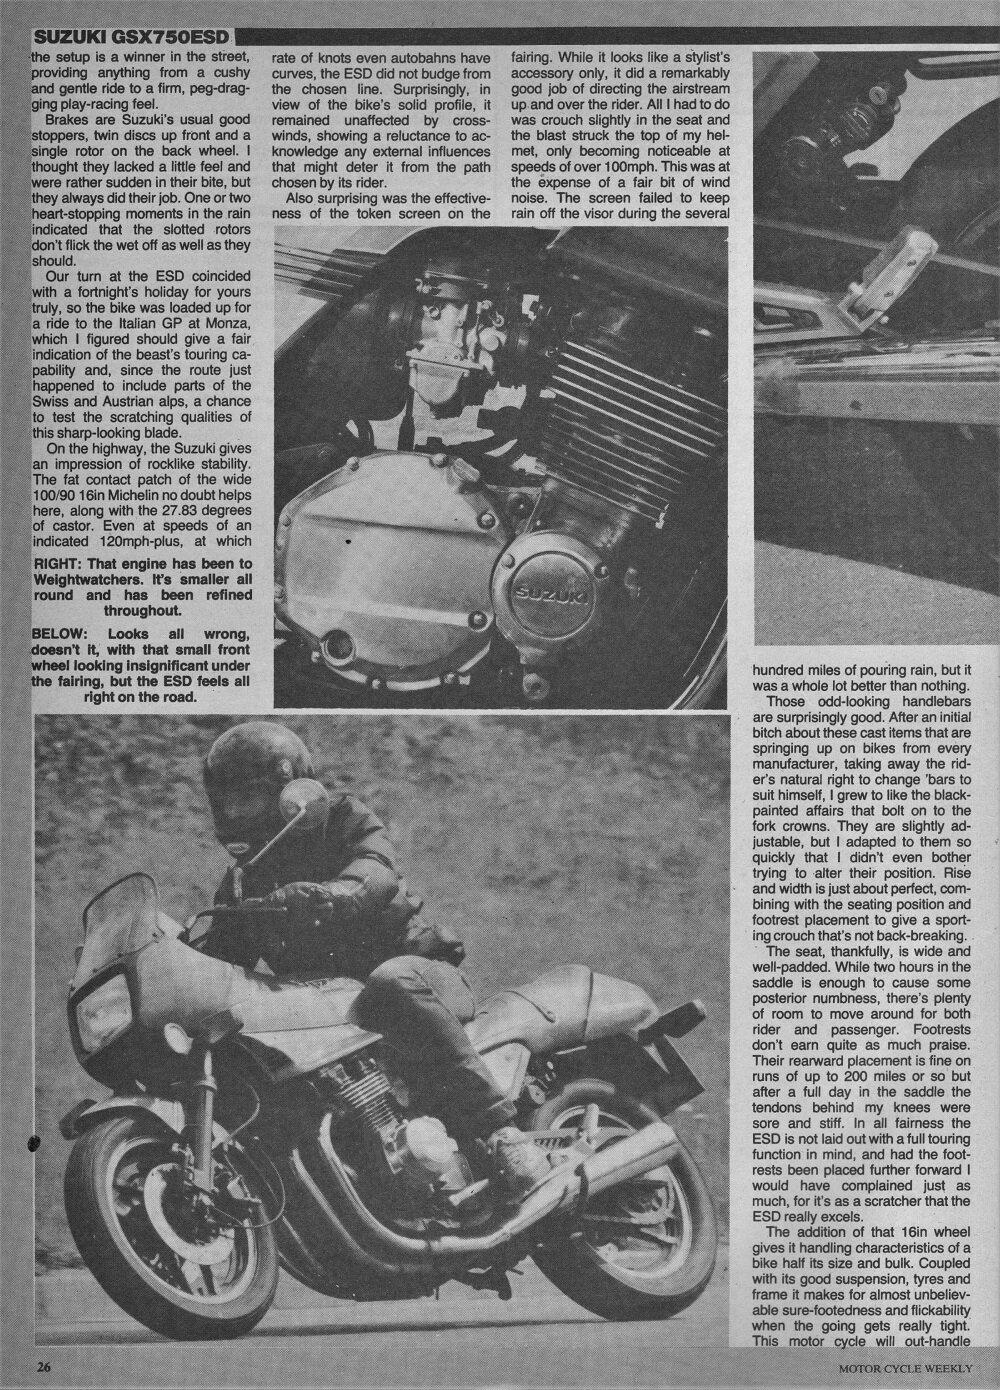 1983 Suzuki GSX750ESD road test.3.jpg